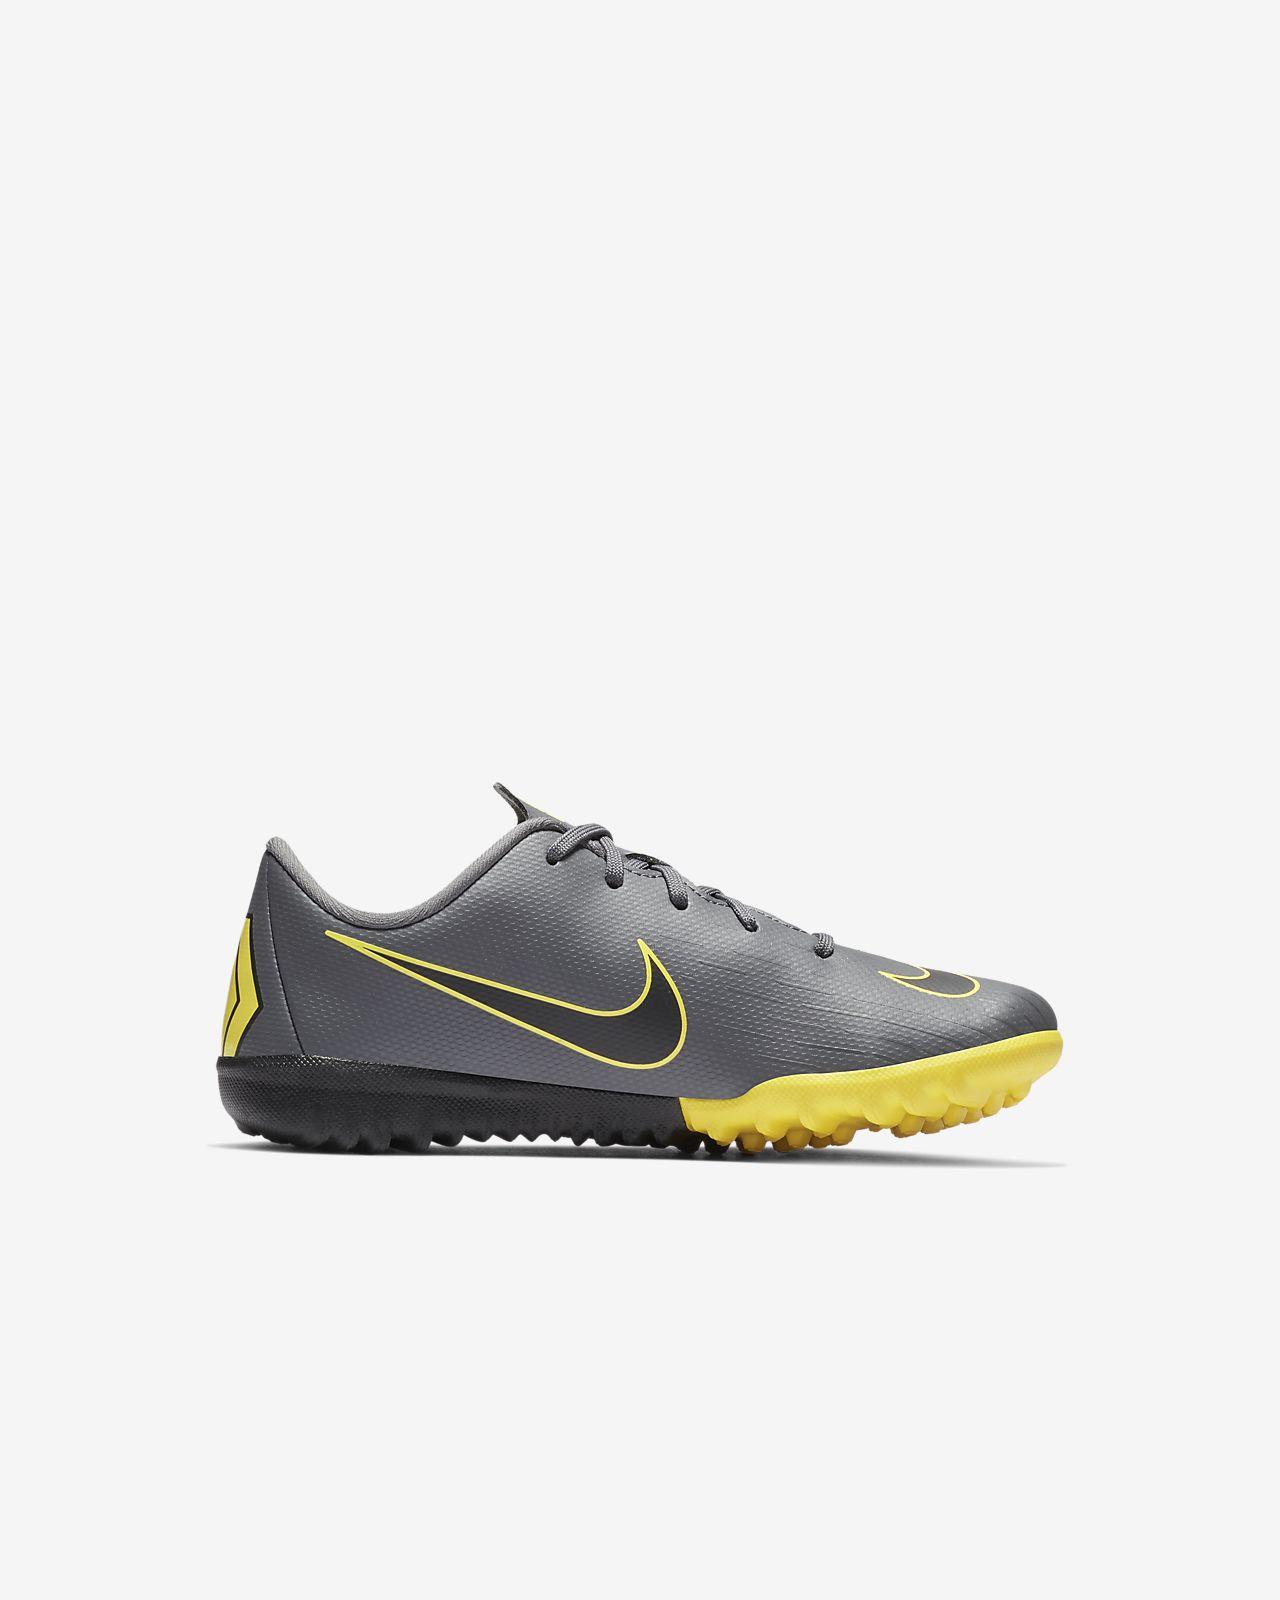 on sale 8fa3b c655e ... Buty piłkarskie na nawierzchnię typu turf dla małych dzieci Nike Jr. MercurialX  Vapor 12 Academy